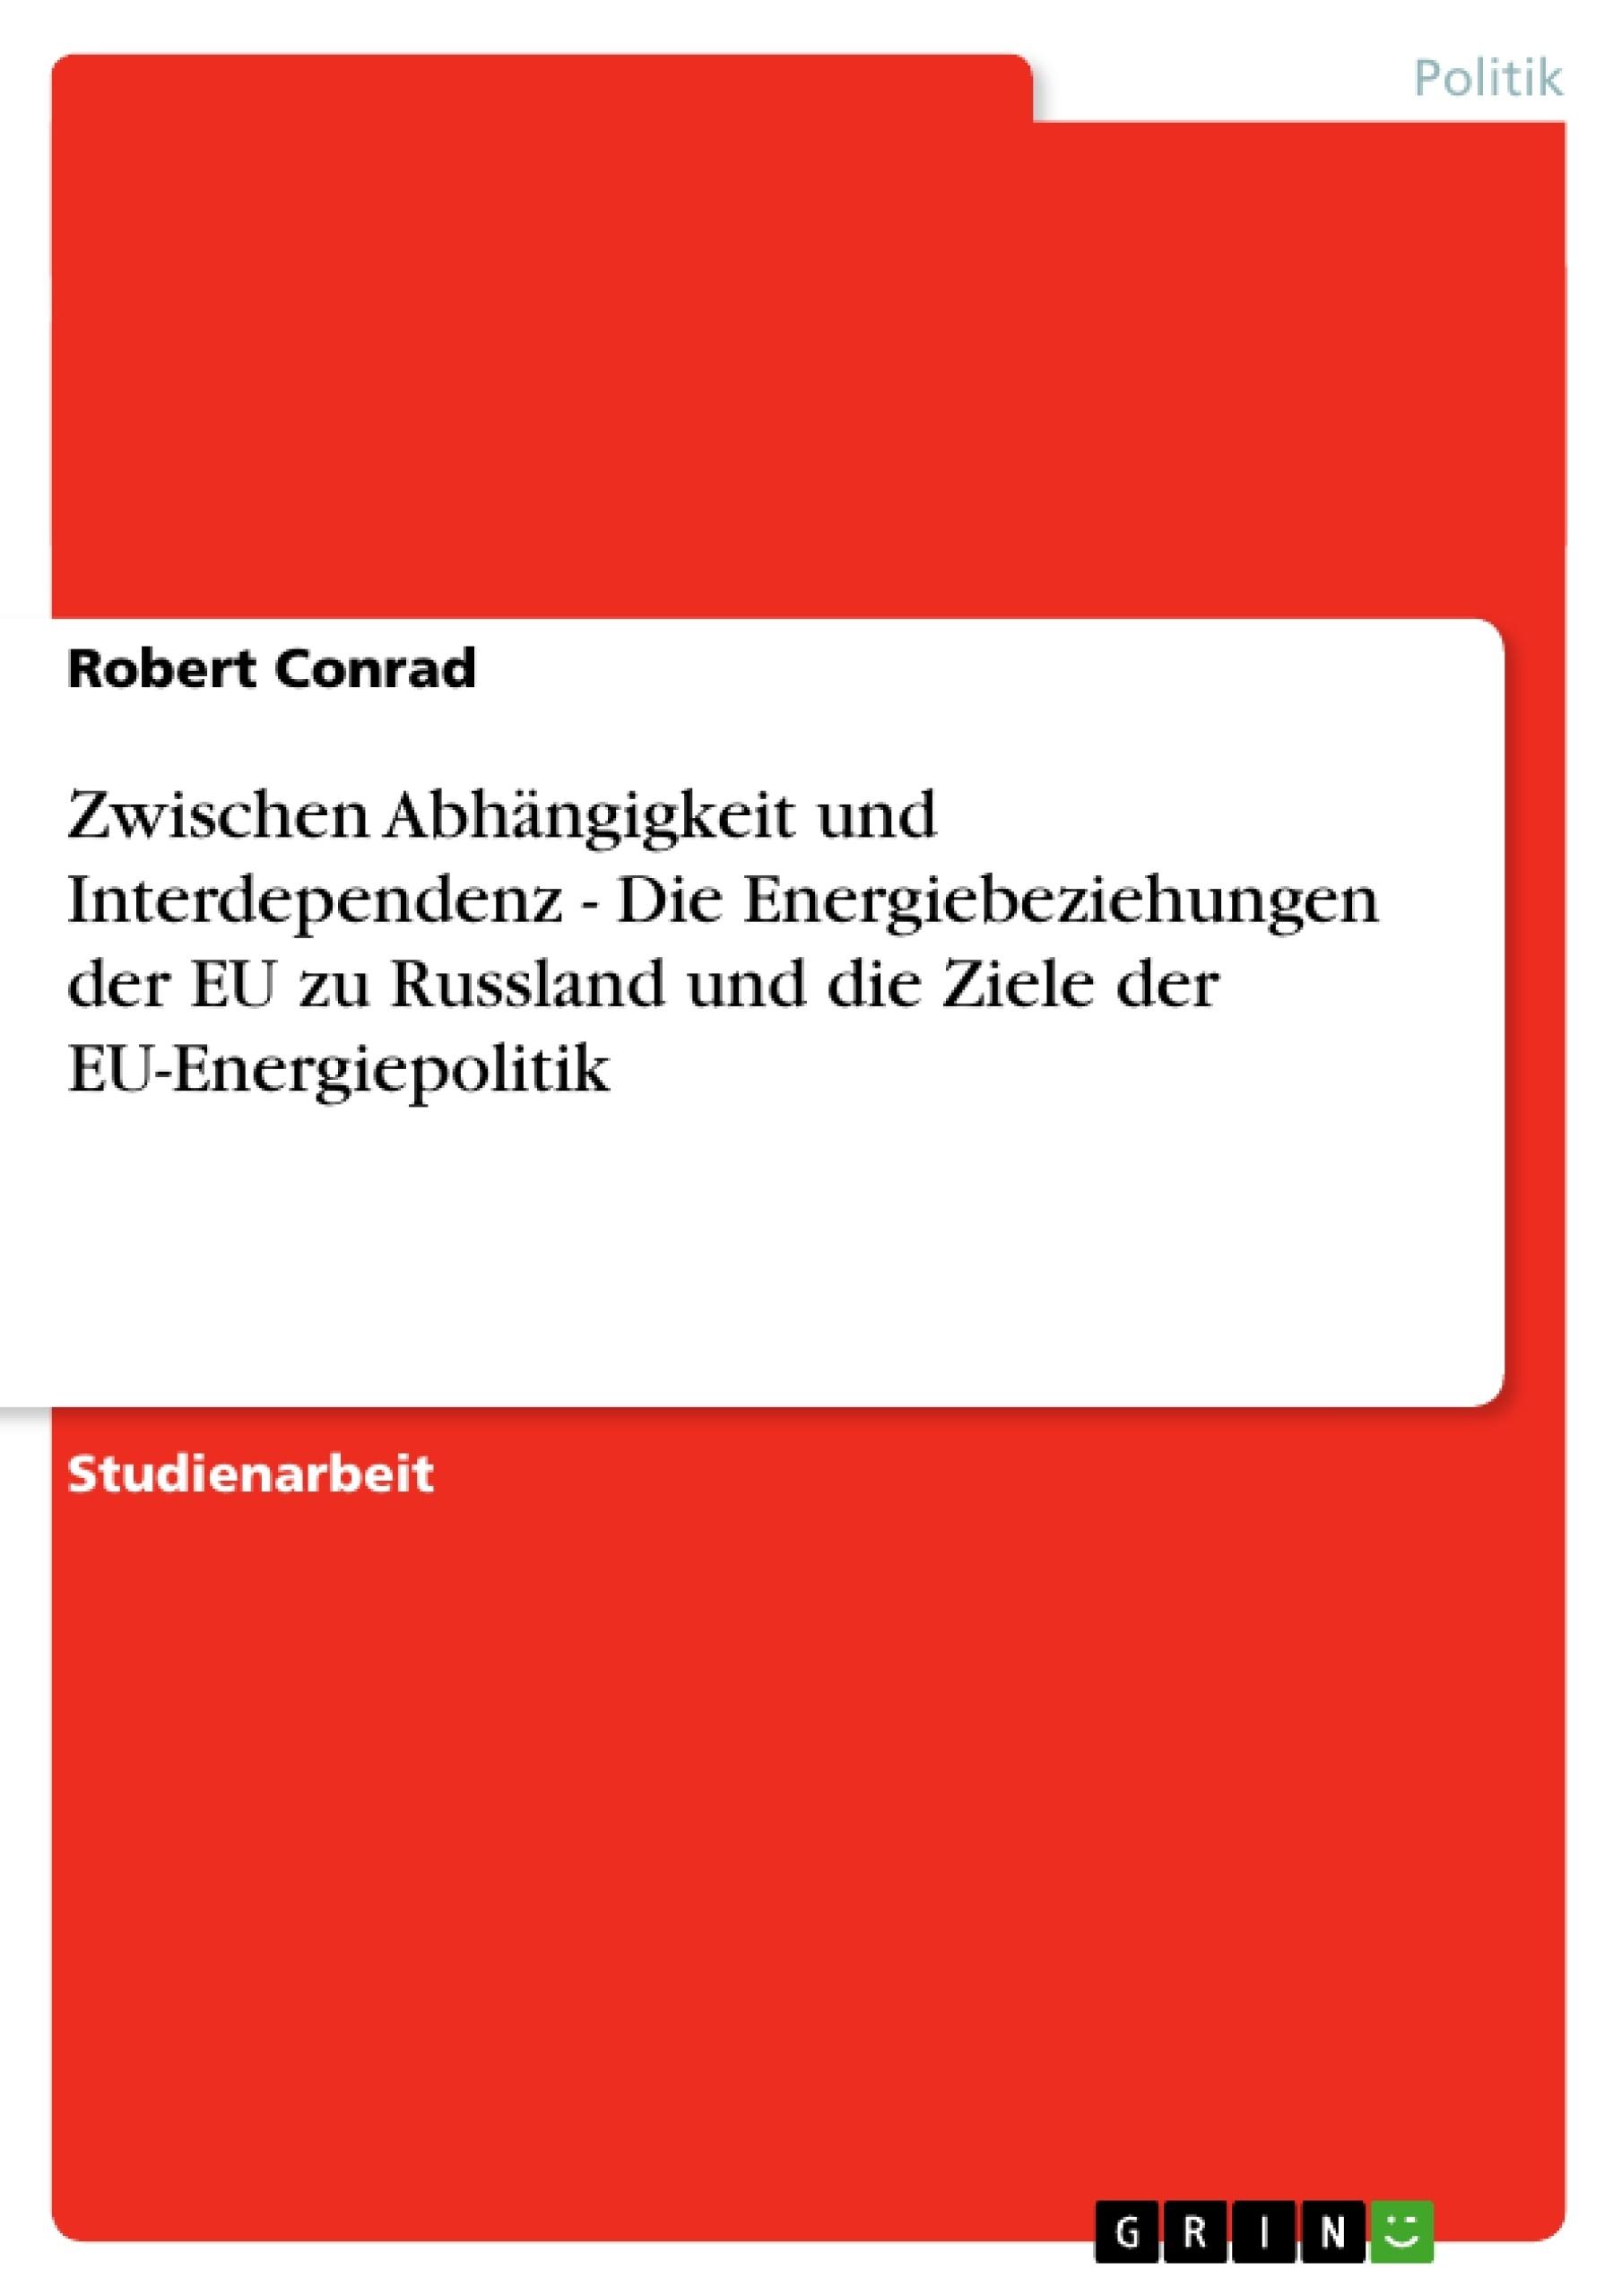 Titel: Zwischen Abhängigkeit und Interdependenz - Die Energiebeziehungen der EU zu Russland und die Ziele der EU-Energiepolitik